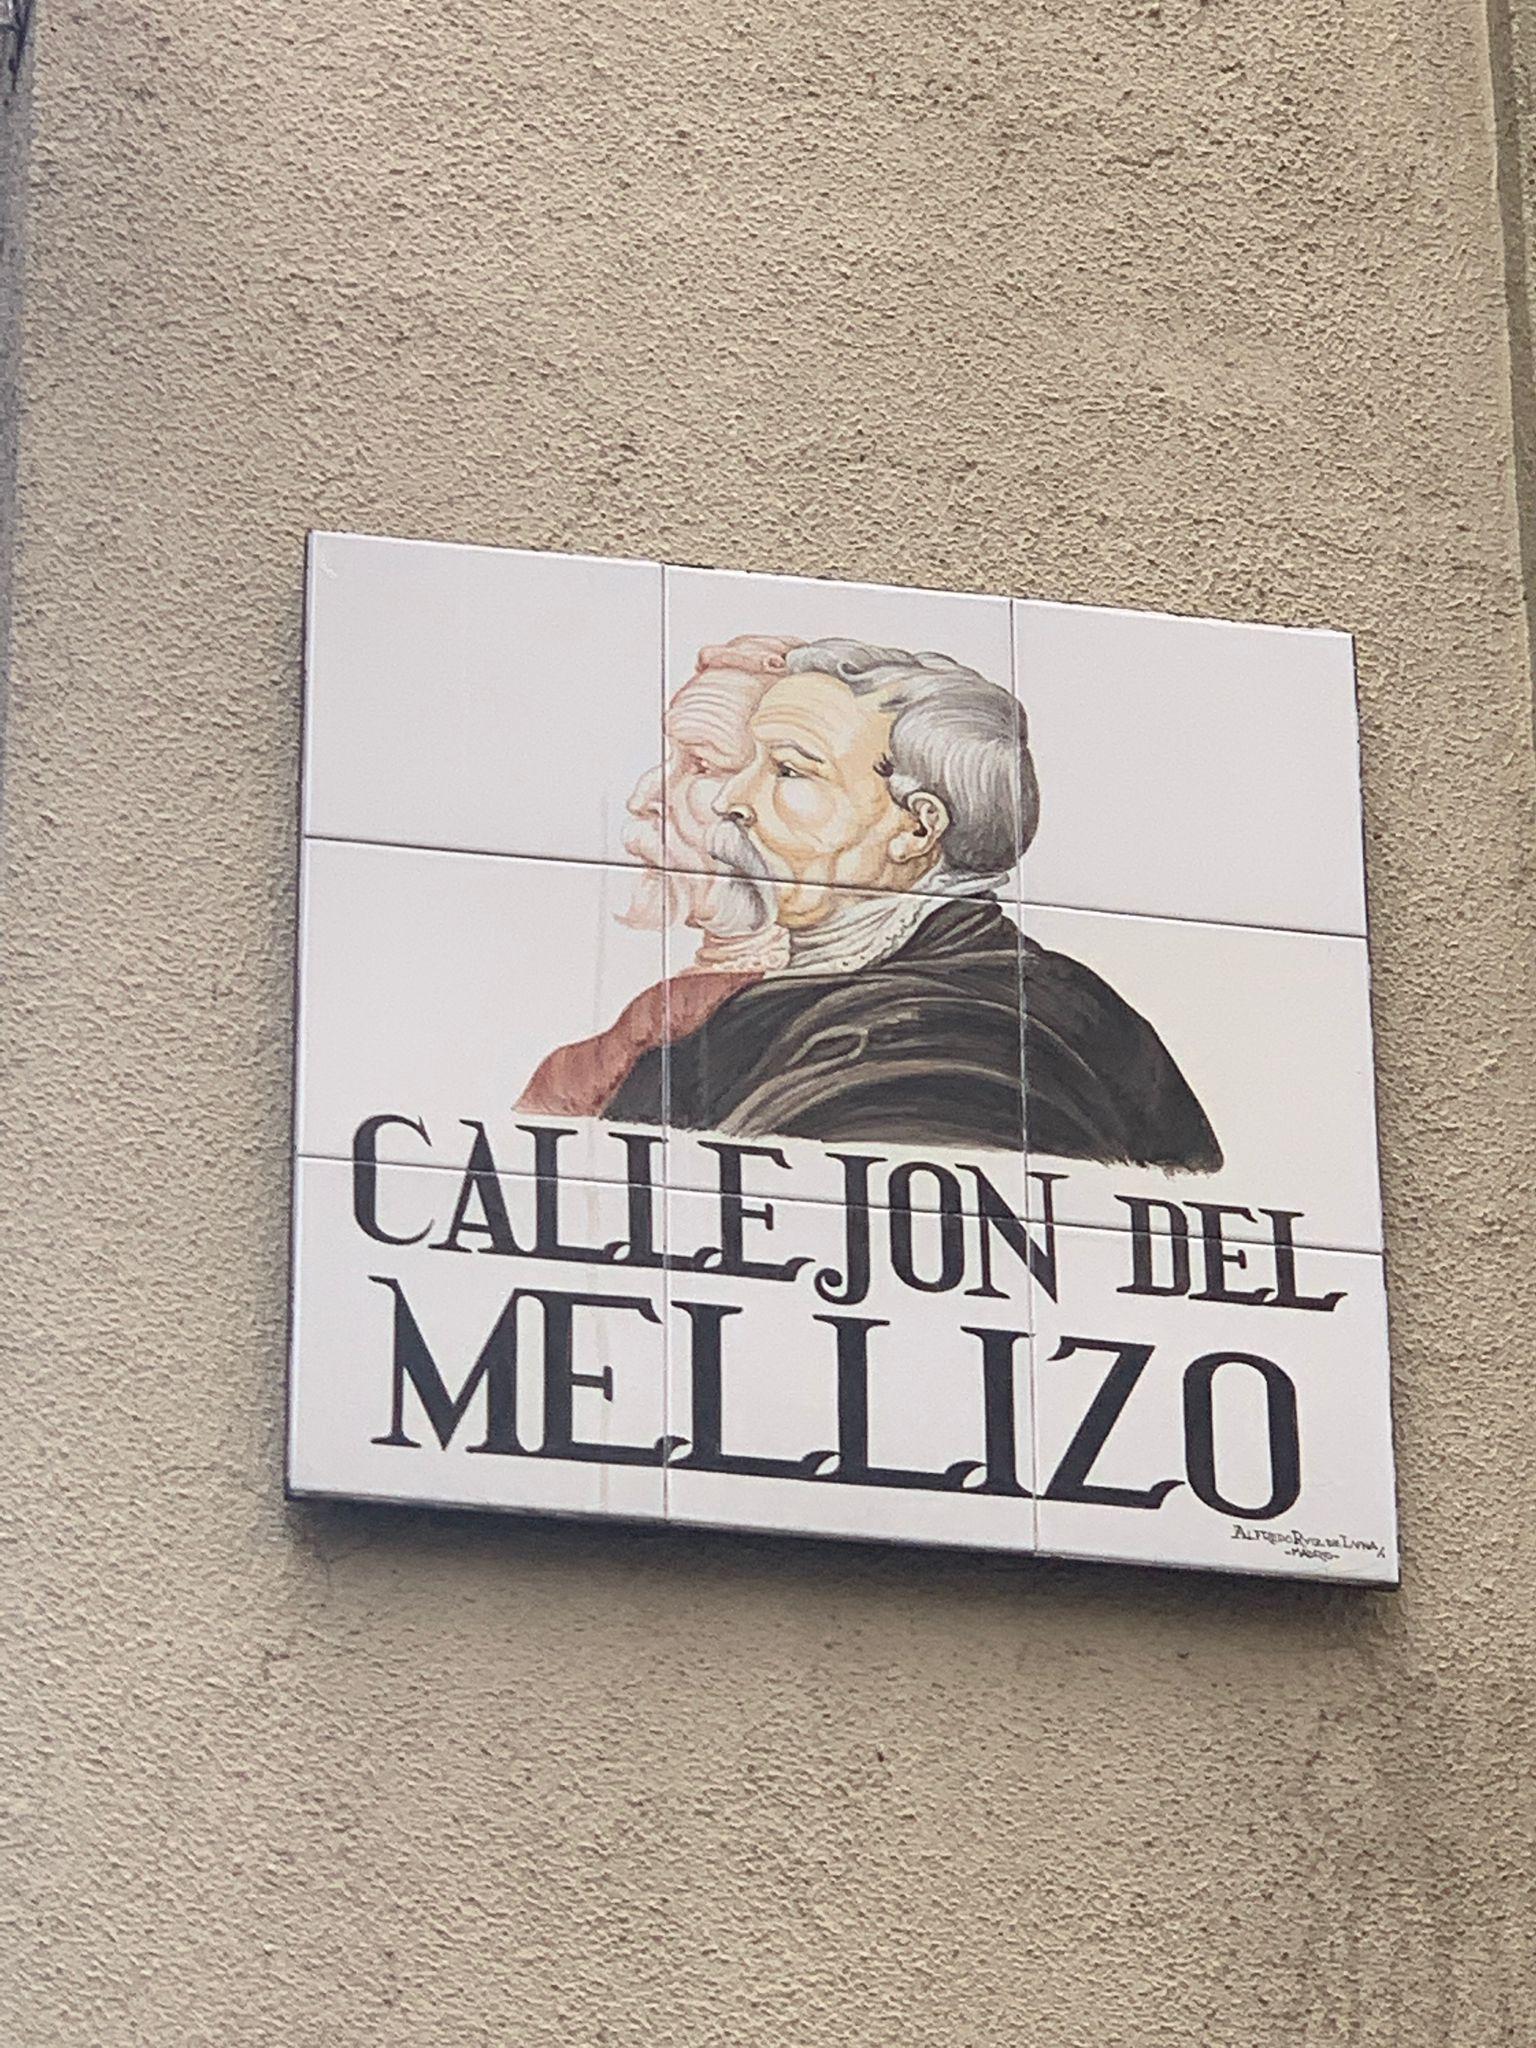 Placa Callejón del mellizo